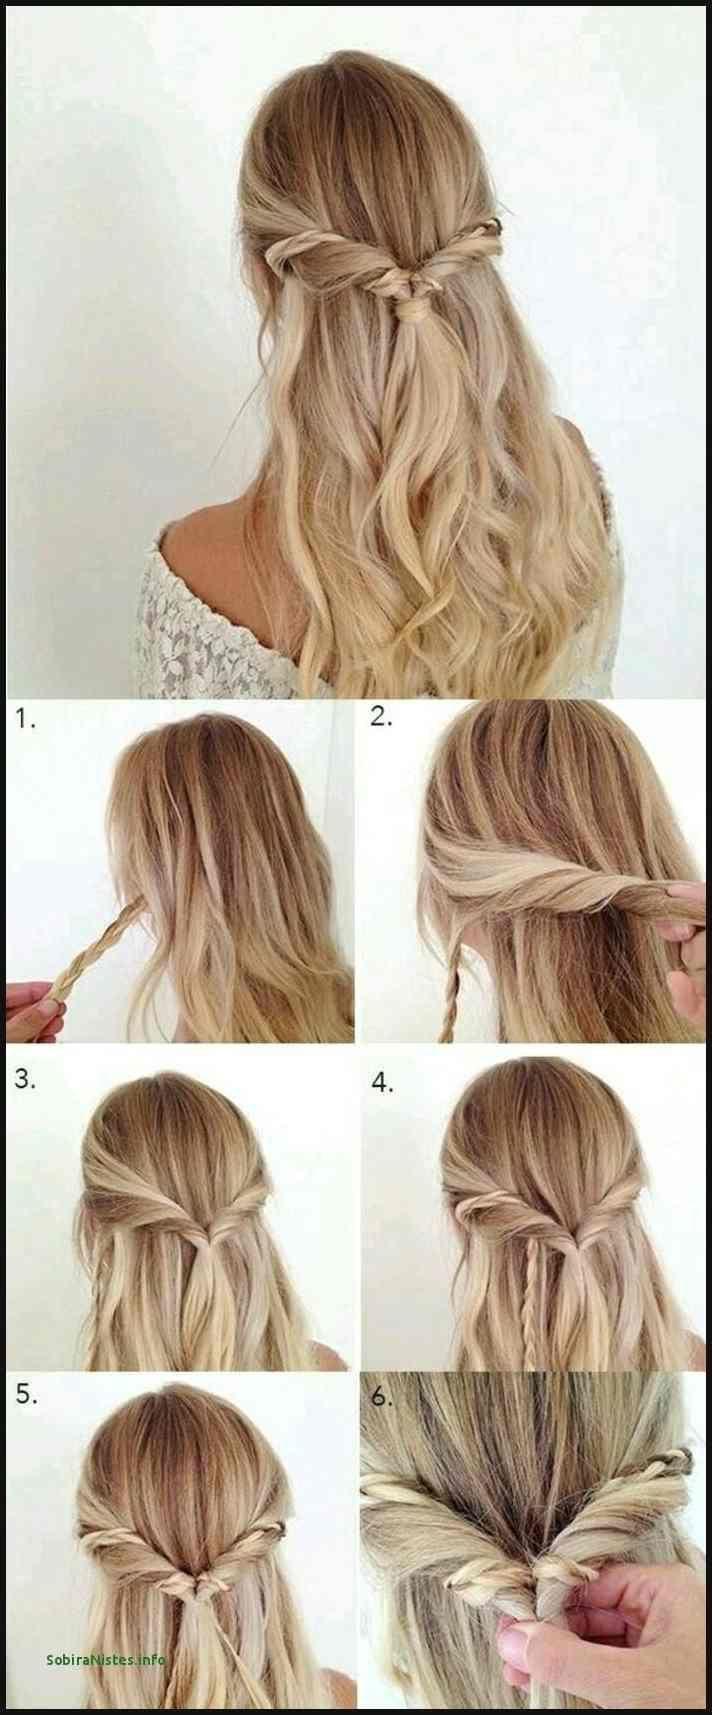 Nach Oben Schone Leichte Frisuren Lange Haare Leichte Frisuren Lange Haare Haare Einfach Flechten Frisur Hochgesteckt